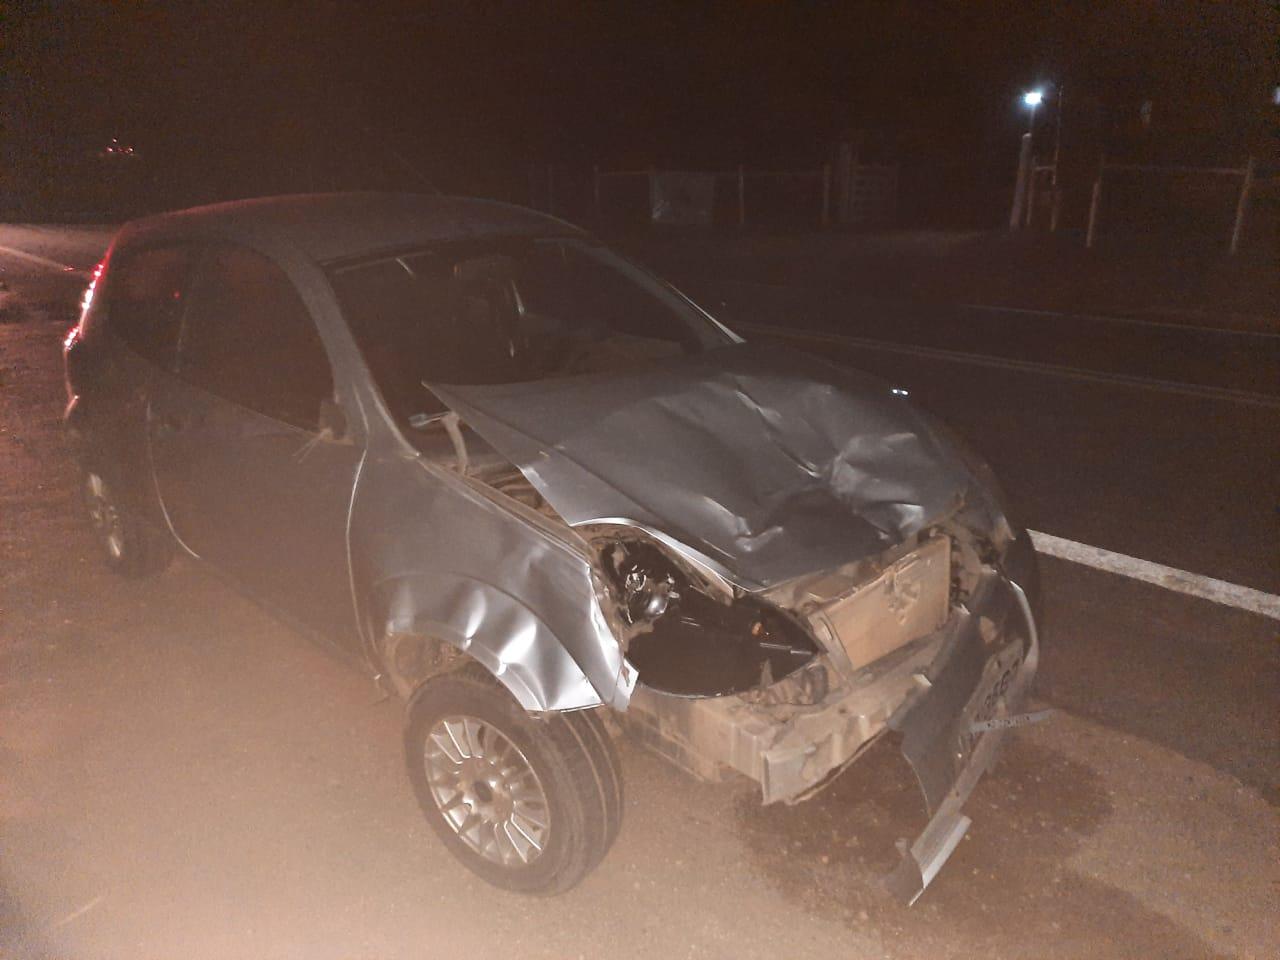 MOTORISTA BATE EM VACA NA BR 259 – ACIDENTE QUASE VIRA TRAGÉDIA